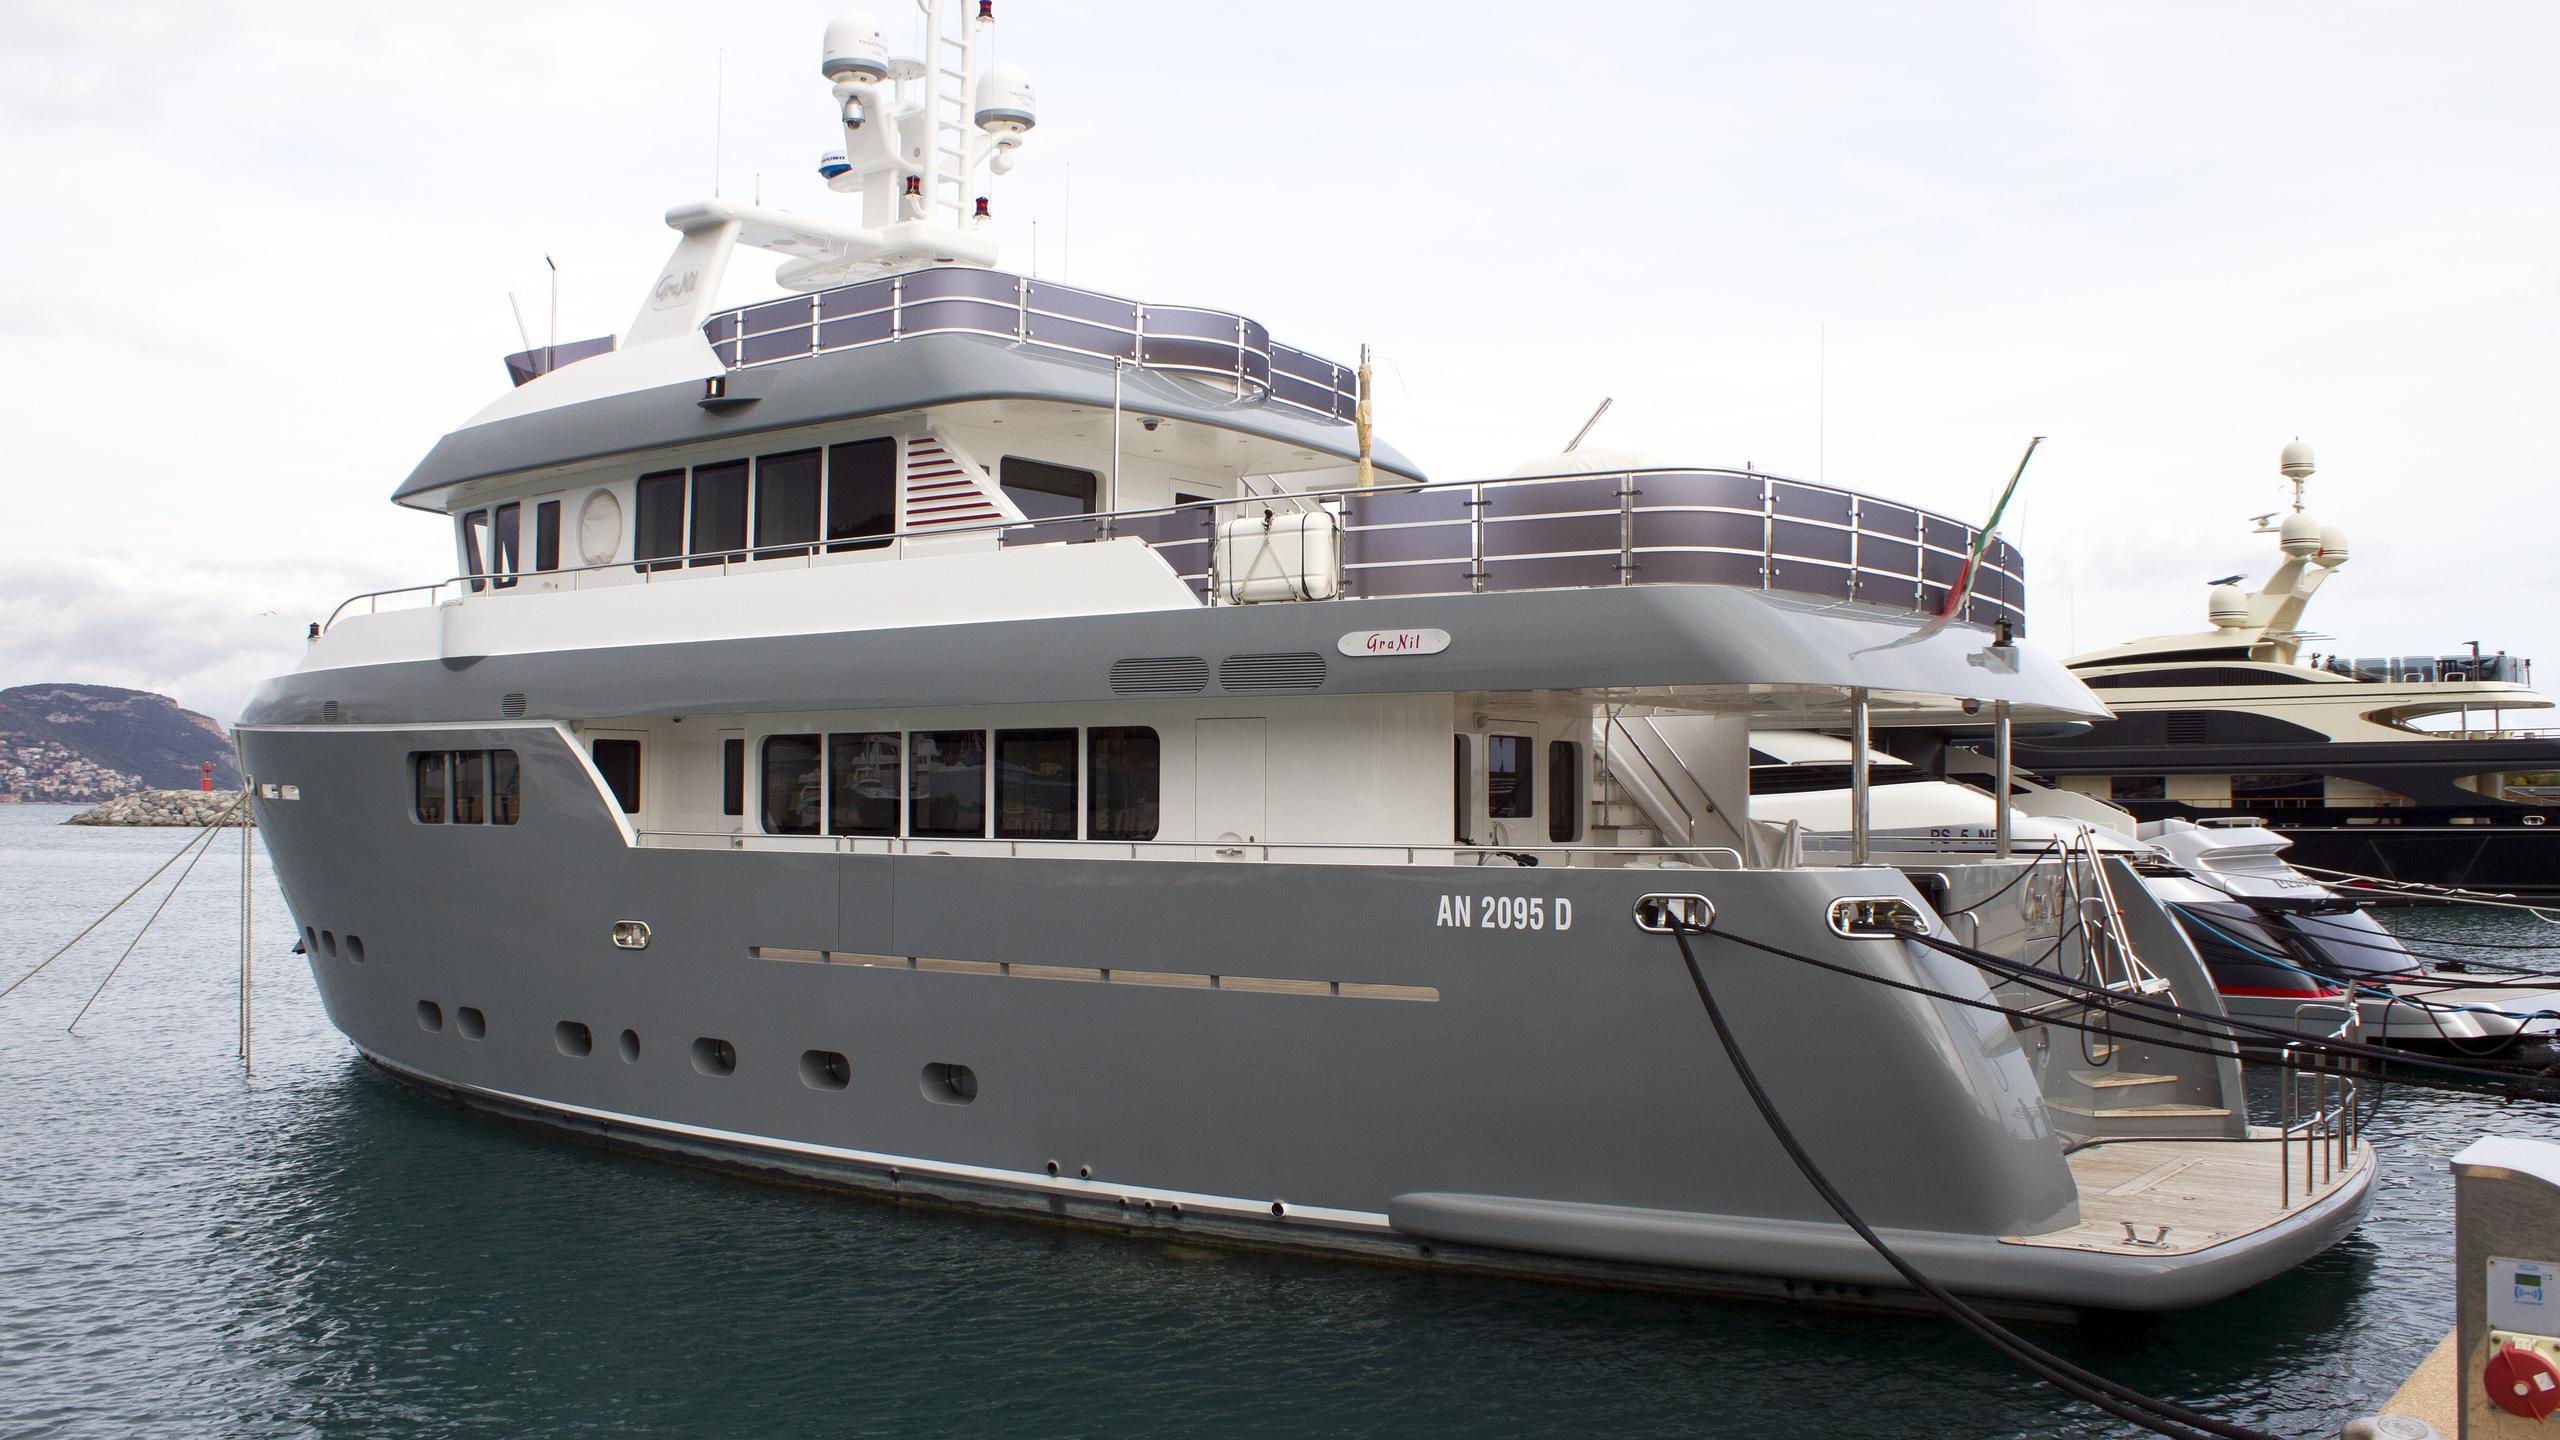 gra-nil-explorer-yacht-cantiere-delle-marche-darwin-86-2014-26m-half-profile